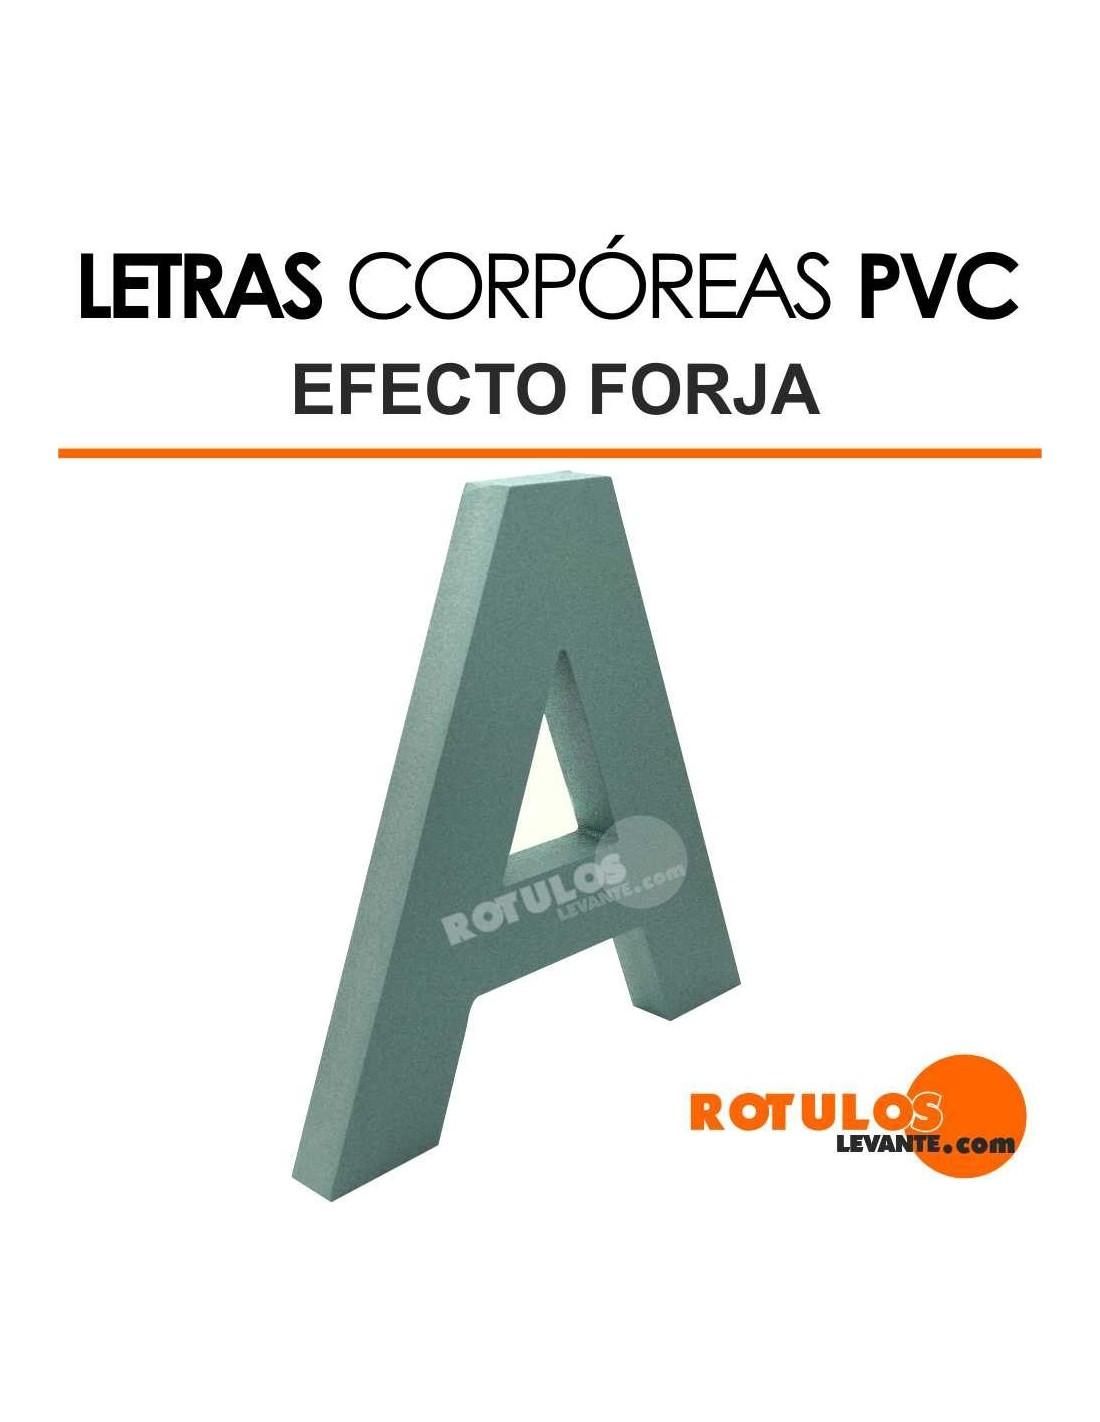 Letras de PVC Efecto Forja